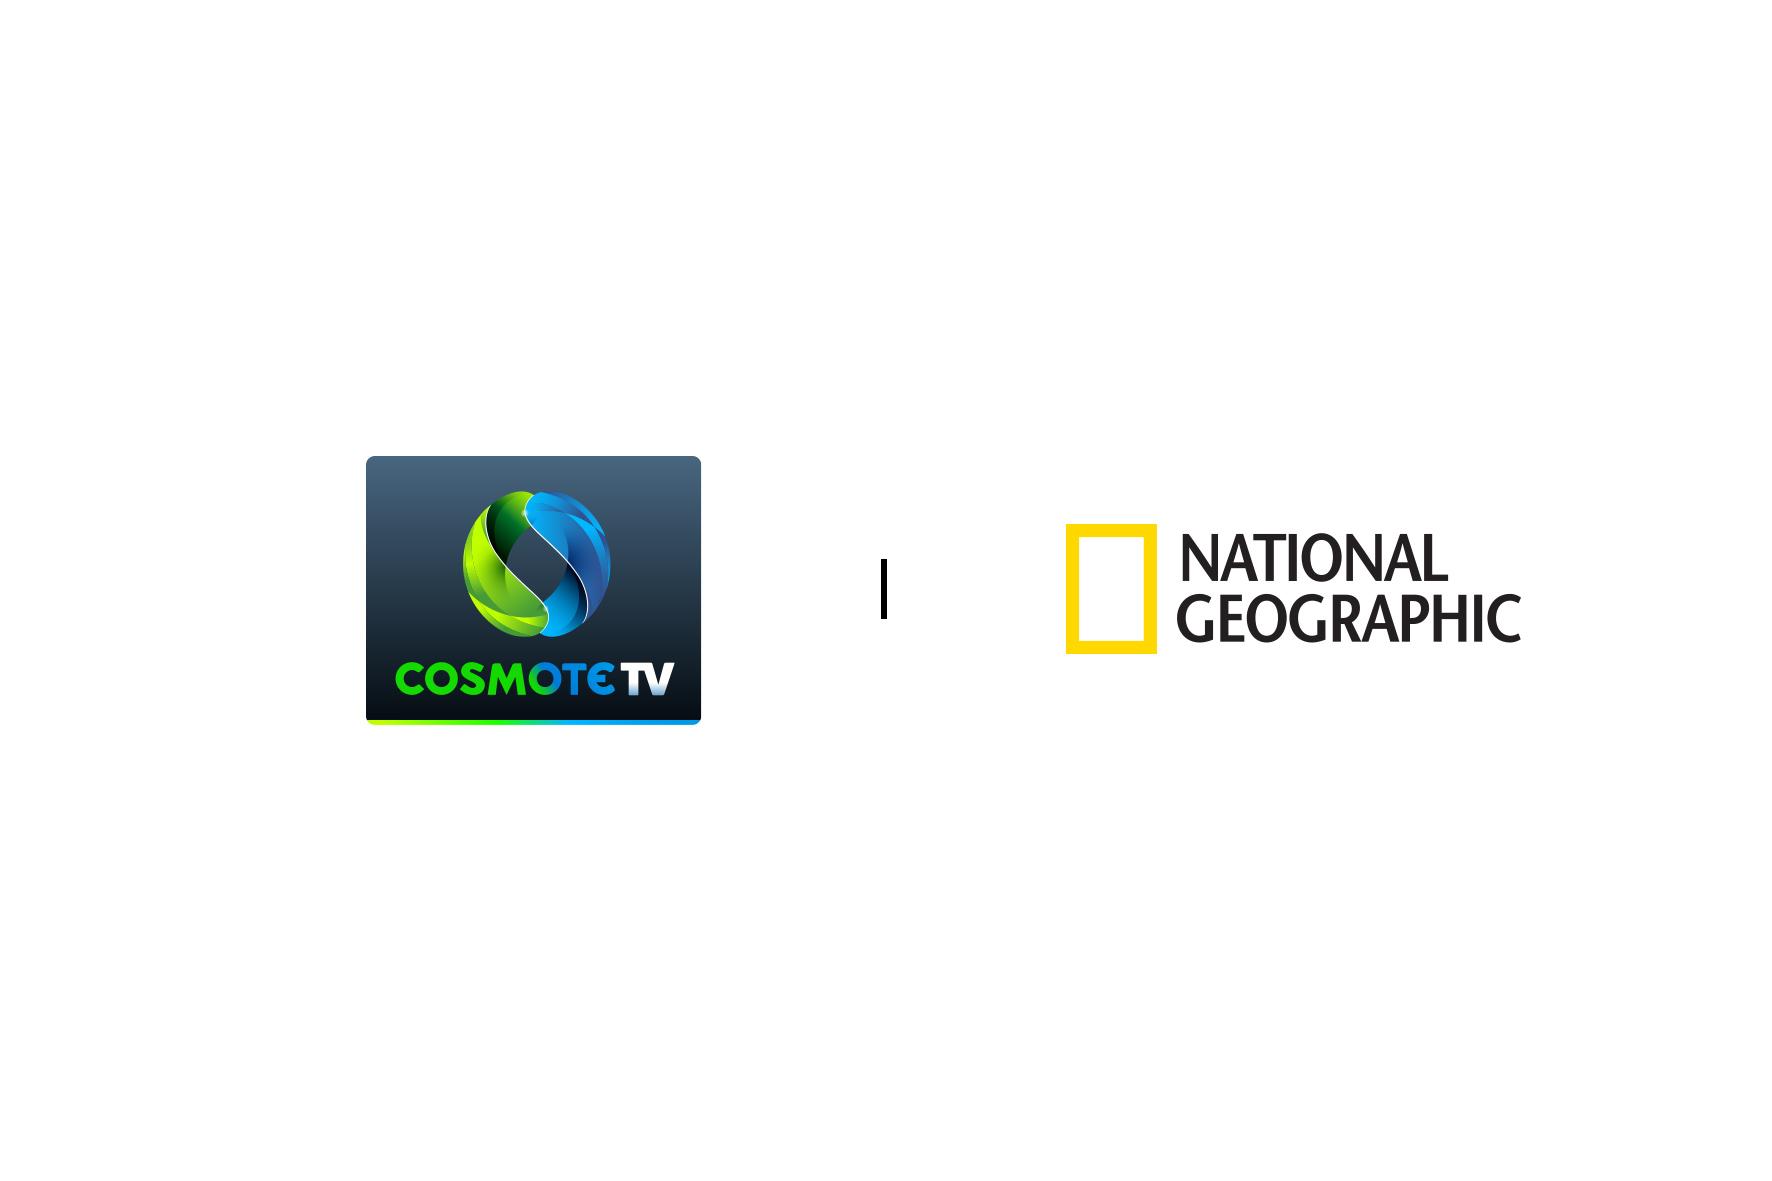 Πρώτη συμπαραγωγή ντοκιμαντέρ Cosmote TV-National Geographic  στην Ελλάδα